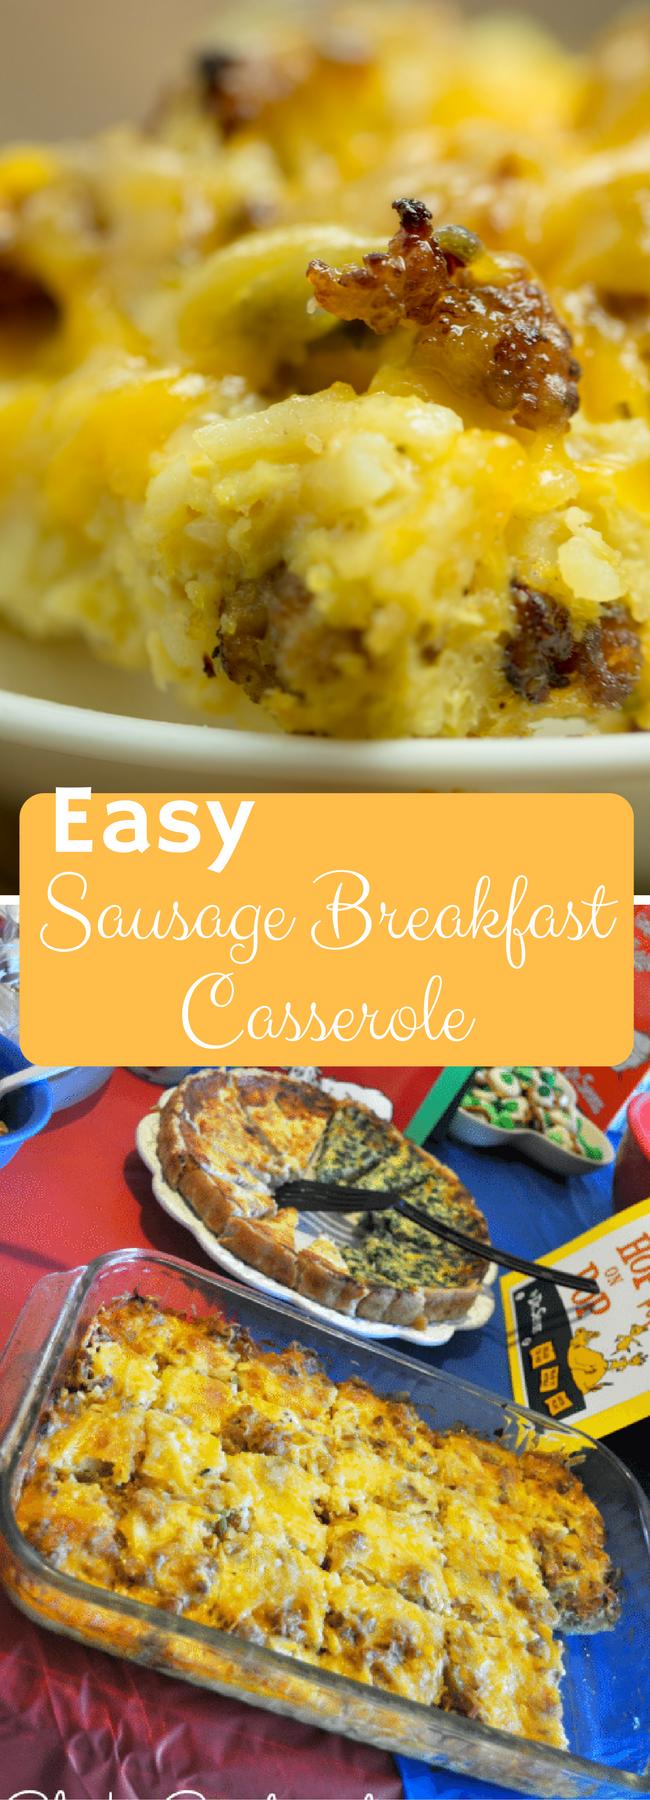 Easy Sausage Breakfast Casserole